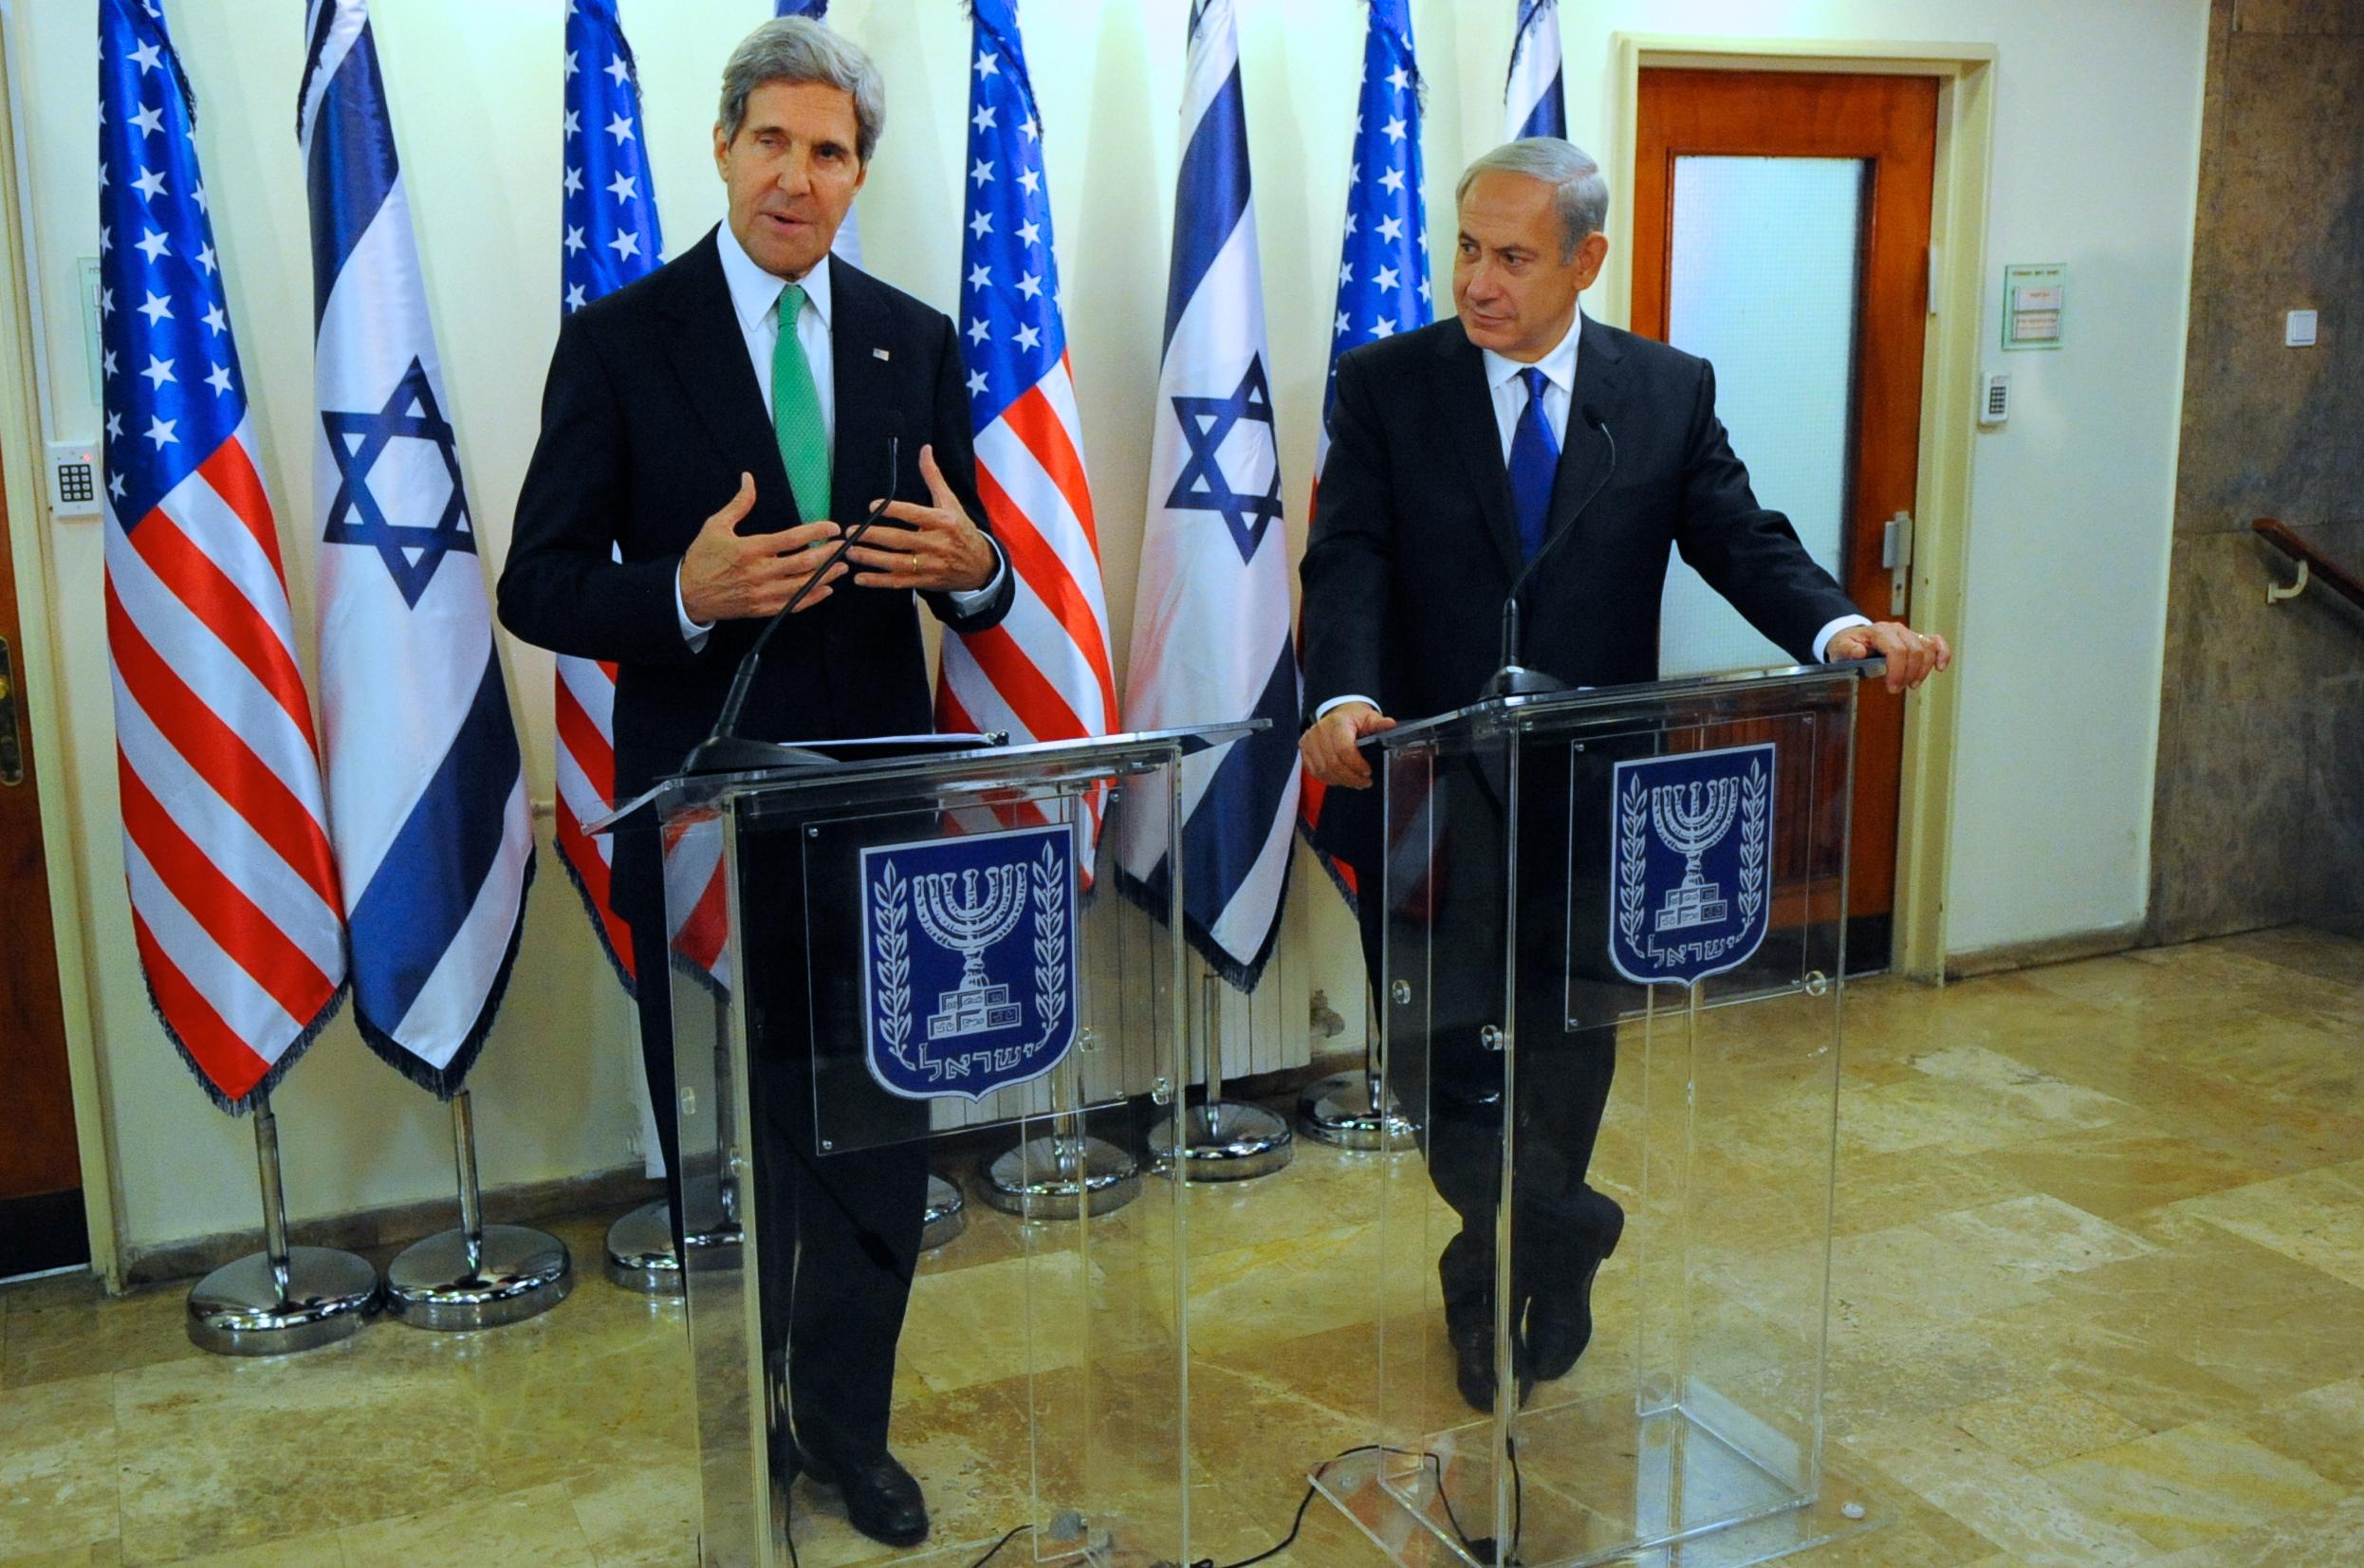 La Resolución 2334 del Consejo de Seguridad de la ONU y una estrategia para Israel – Por Amos Yadlin (INSS)